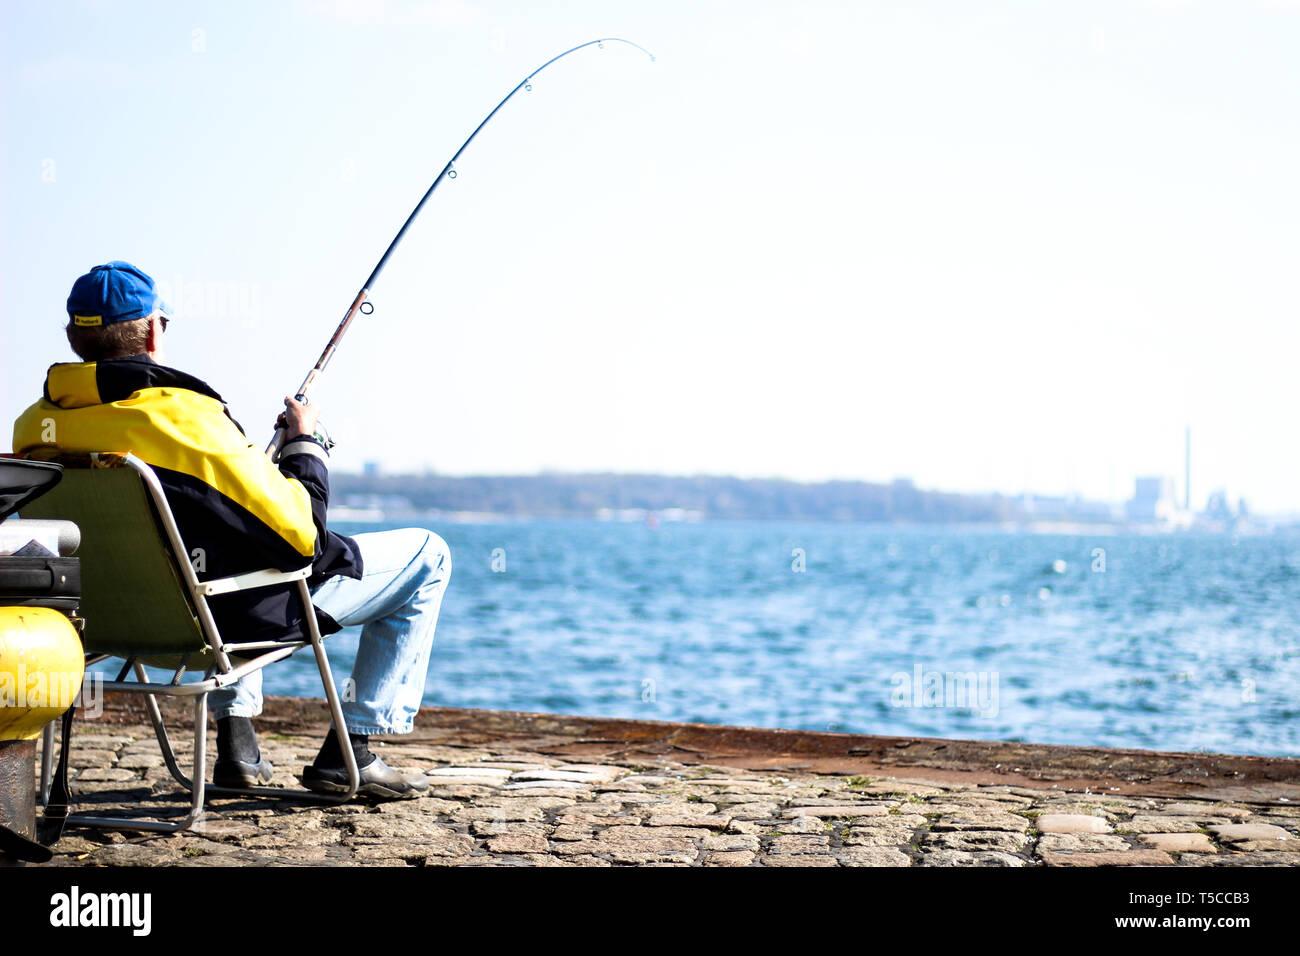 Fischersmann in schwarz-gelber Jacke sitzt an Kieler Förde mit Angel und fängt Fische Stock Photo